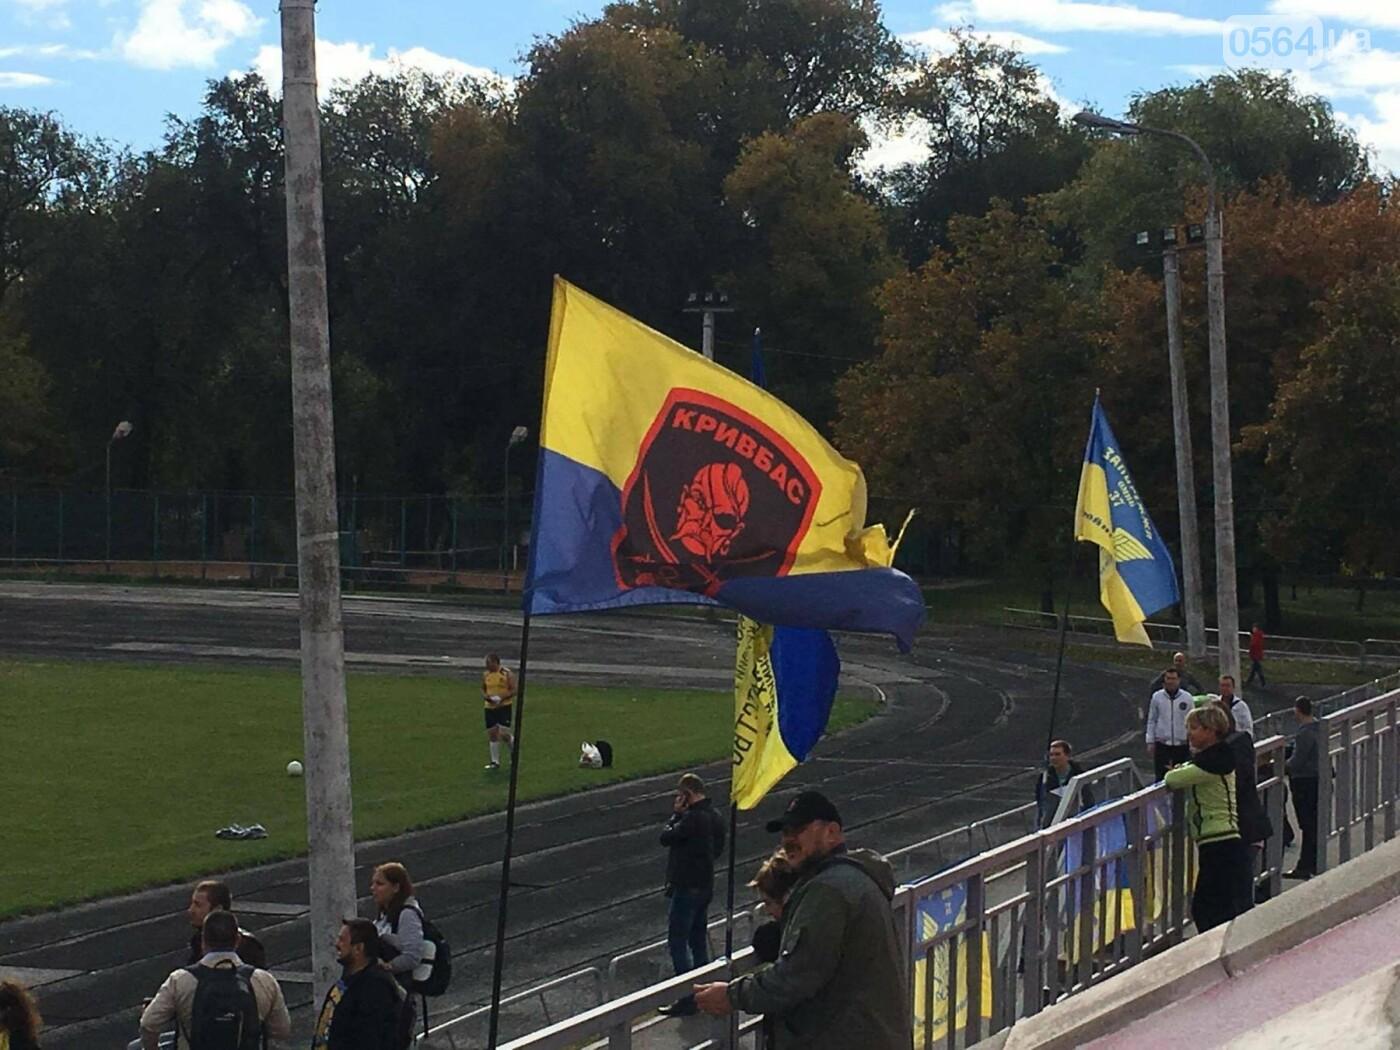 Криворожане пришли на футбольный матч чтобы поддержать бойцов АТО (ФОТО, ВИДЕО), фото-12